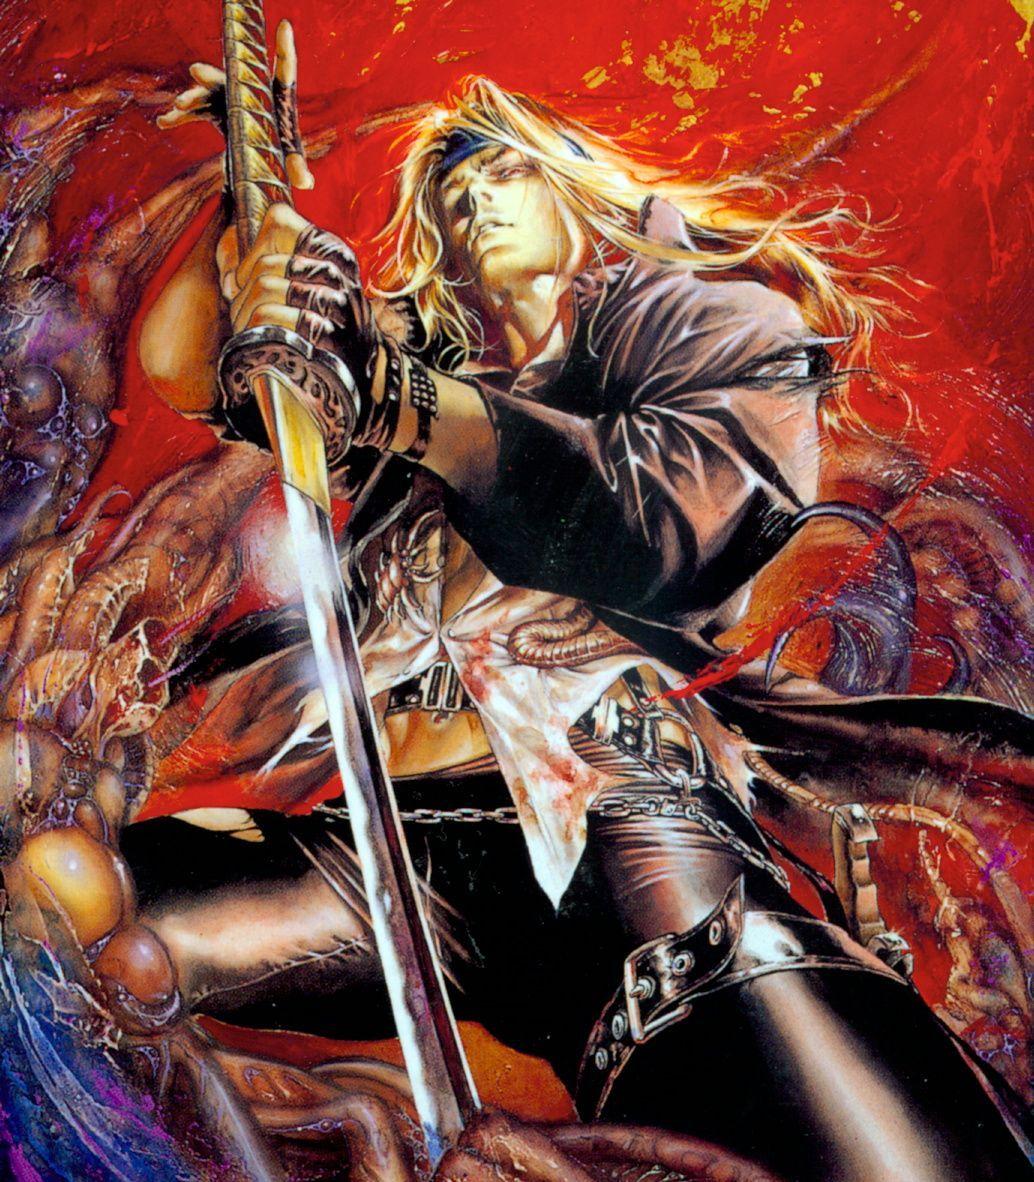 Simon Belmont Castlevania IV Anime, Fantasy art, Art